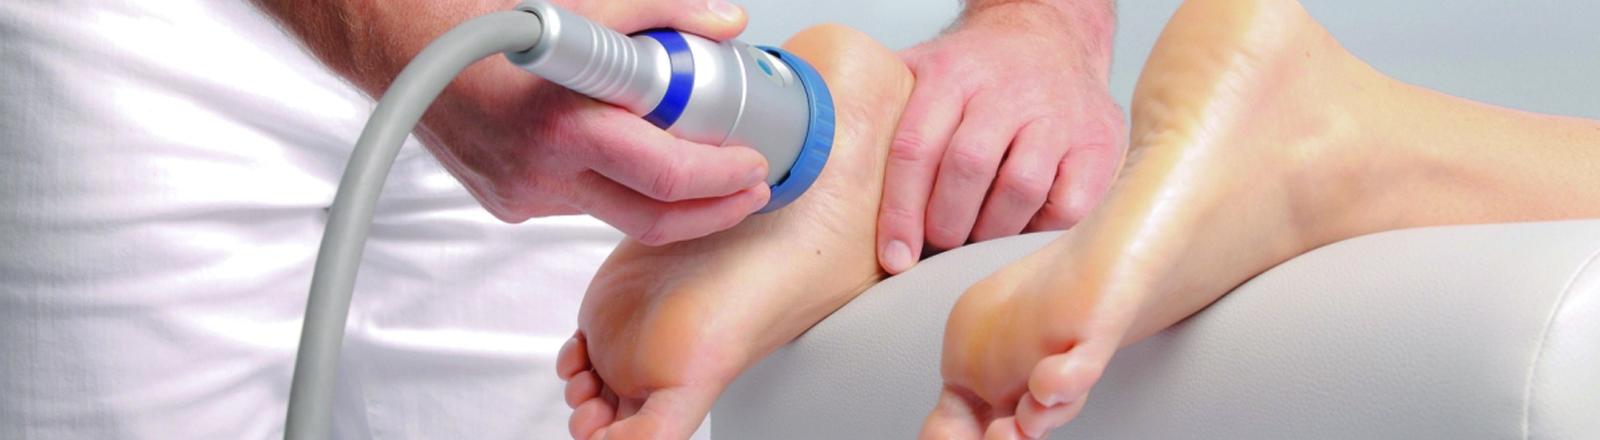 Ondas de choque en tratamiento de tendinopatías crónicas